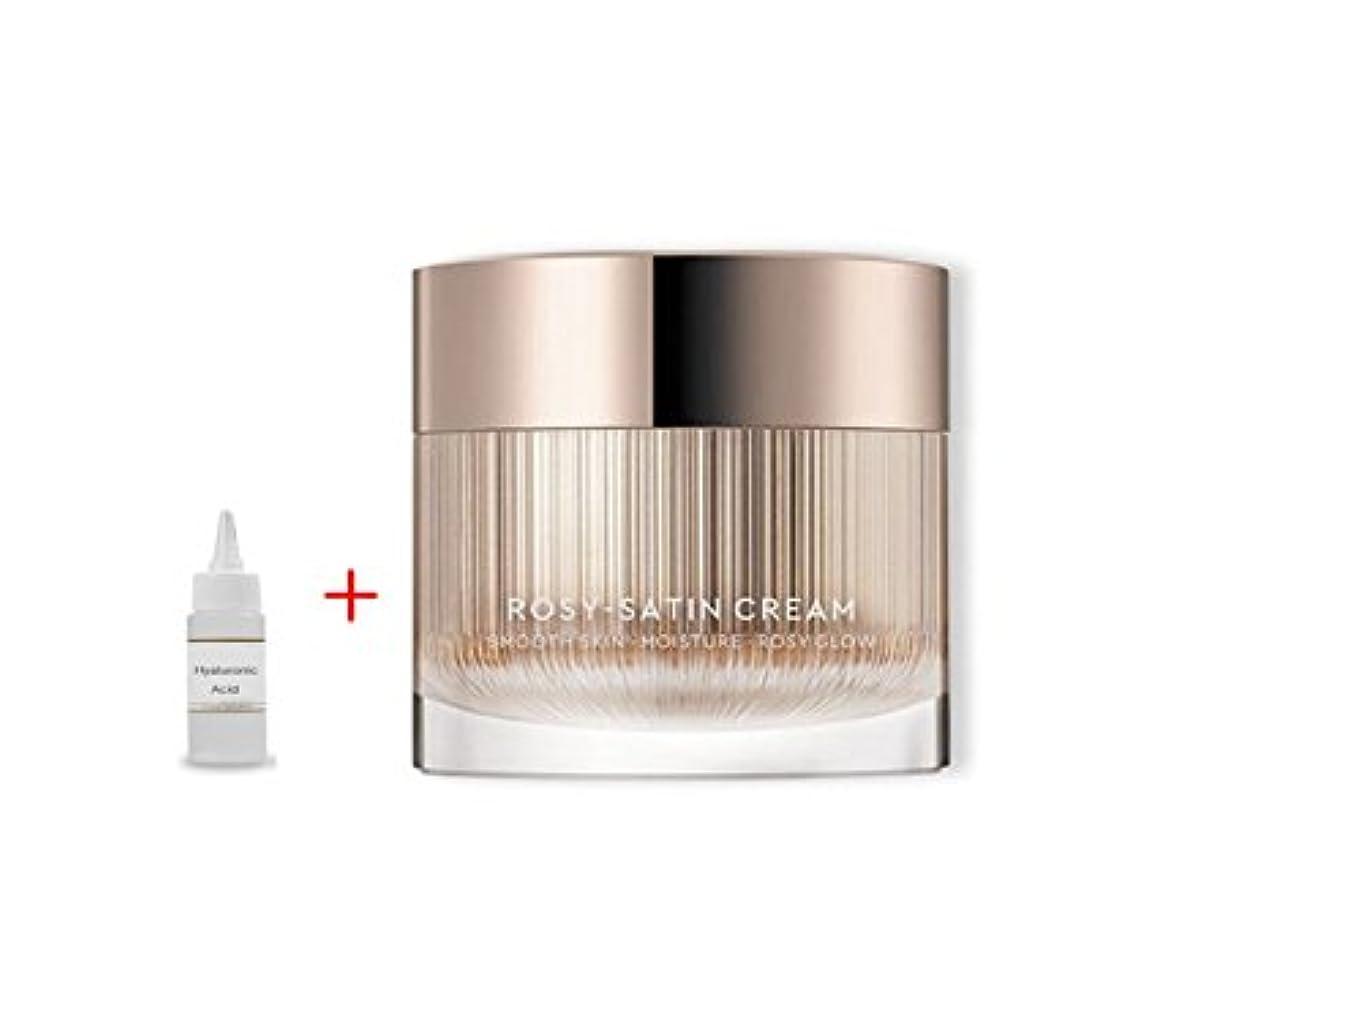 バイソン恐ろしい痛いHERA New Rosy Satin Cream 50ml:Smooth Skin Moisture Rosy Glow 滑らかな肌の保湿化粧水 + Ochloo Hyaluronic Acid 20ml [並行輸入品]